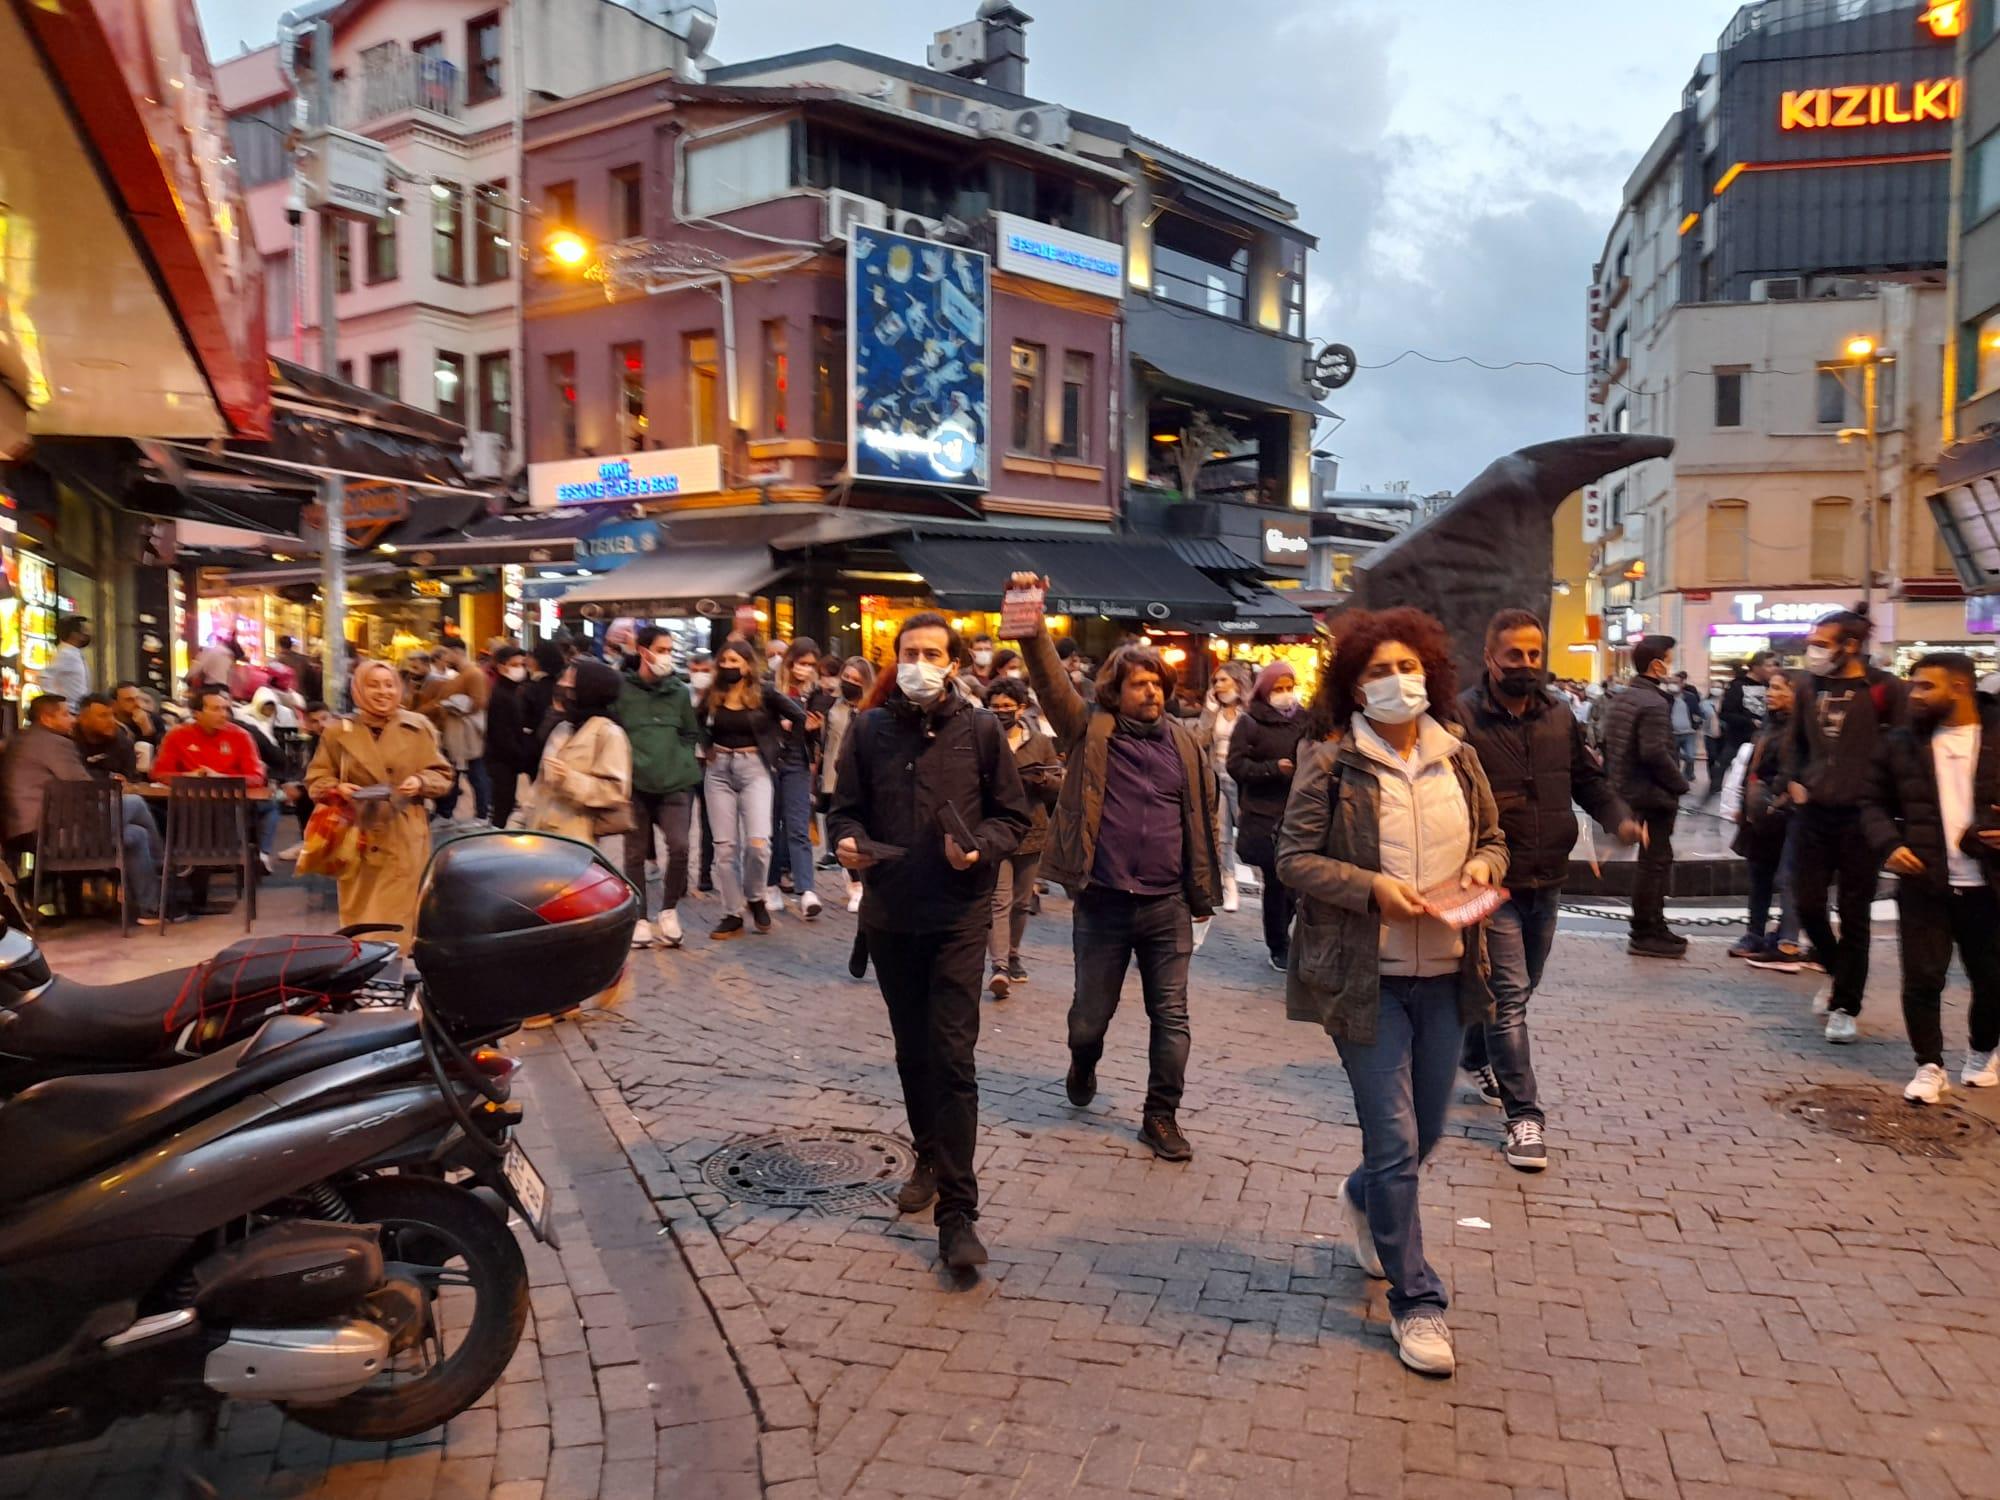 İstanbul Emek Demokrasi Güçleri: 10 Ekim'de Kadıköy'e Çağırıyoruz!